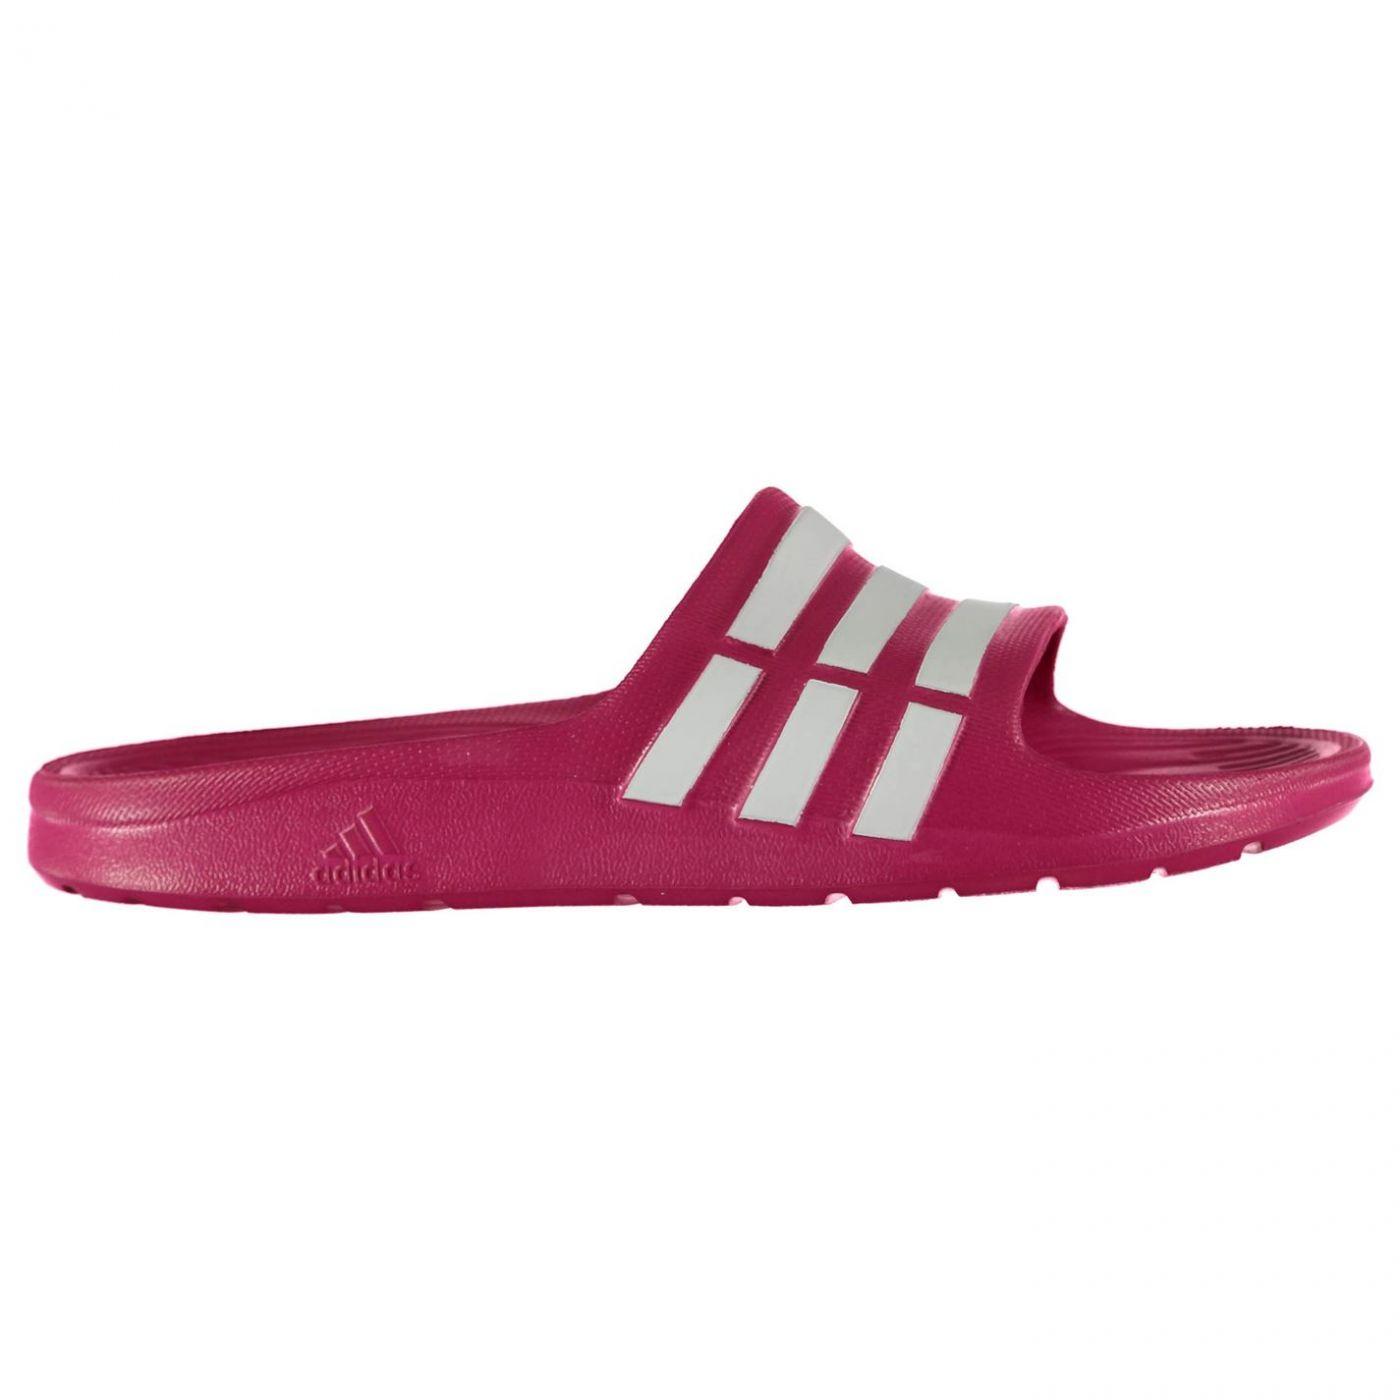 Adidas Duramo Slide Pool Shoes Girls